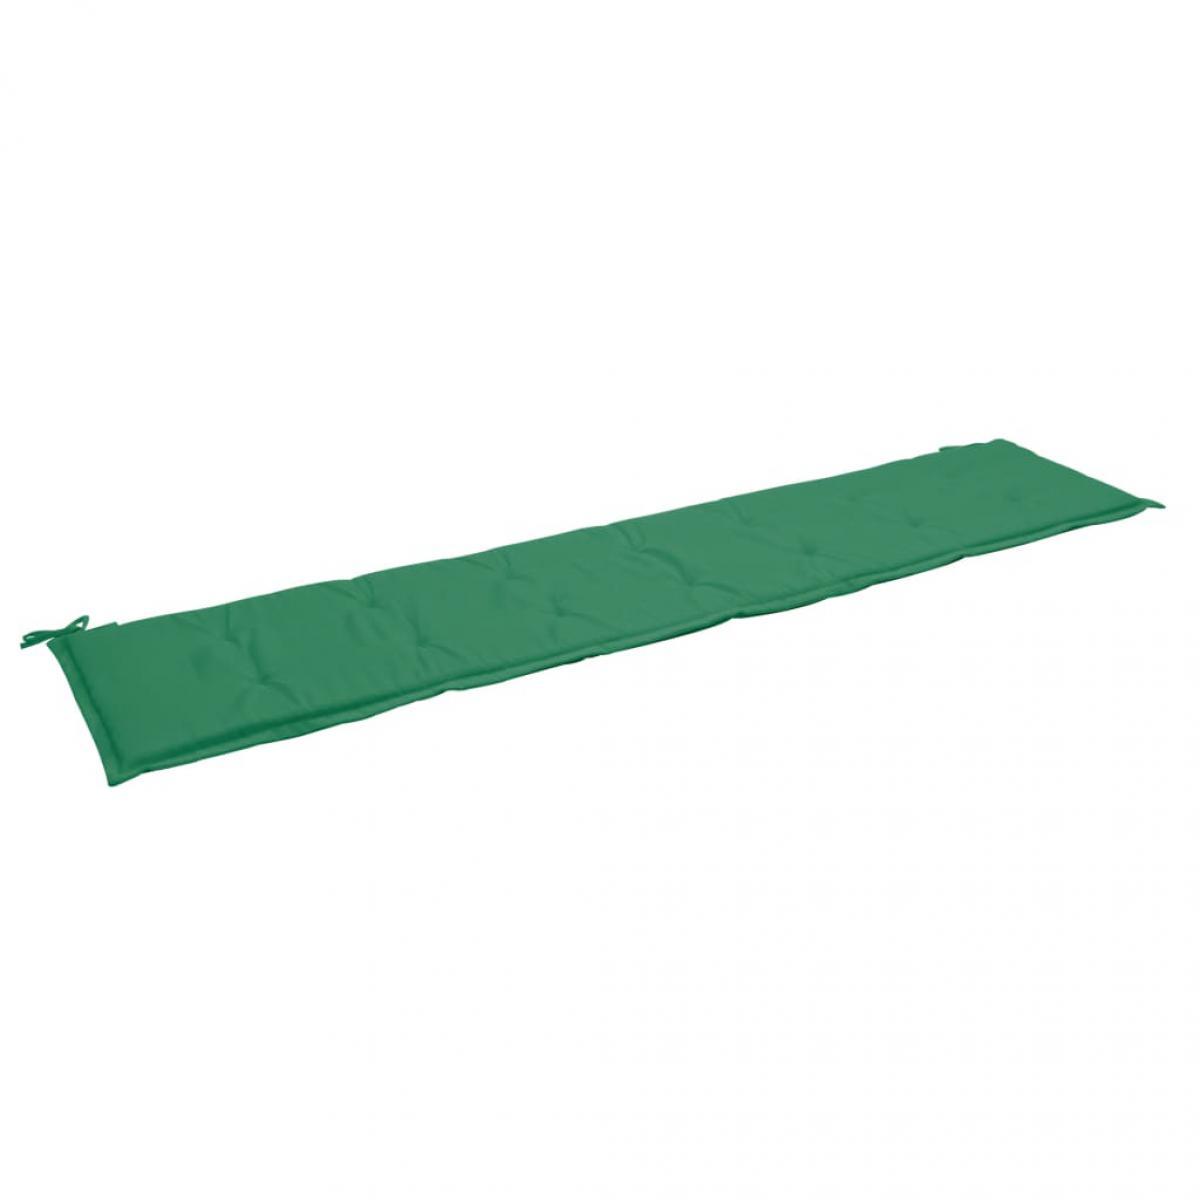 Decoshop26 Coussin de banc de jardin résistant à l'eau 200 x 50 x 3 cm 100 % polyester vert DEC021736